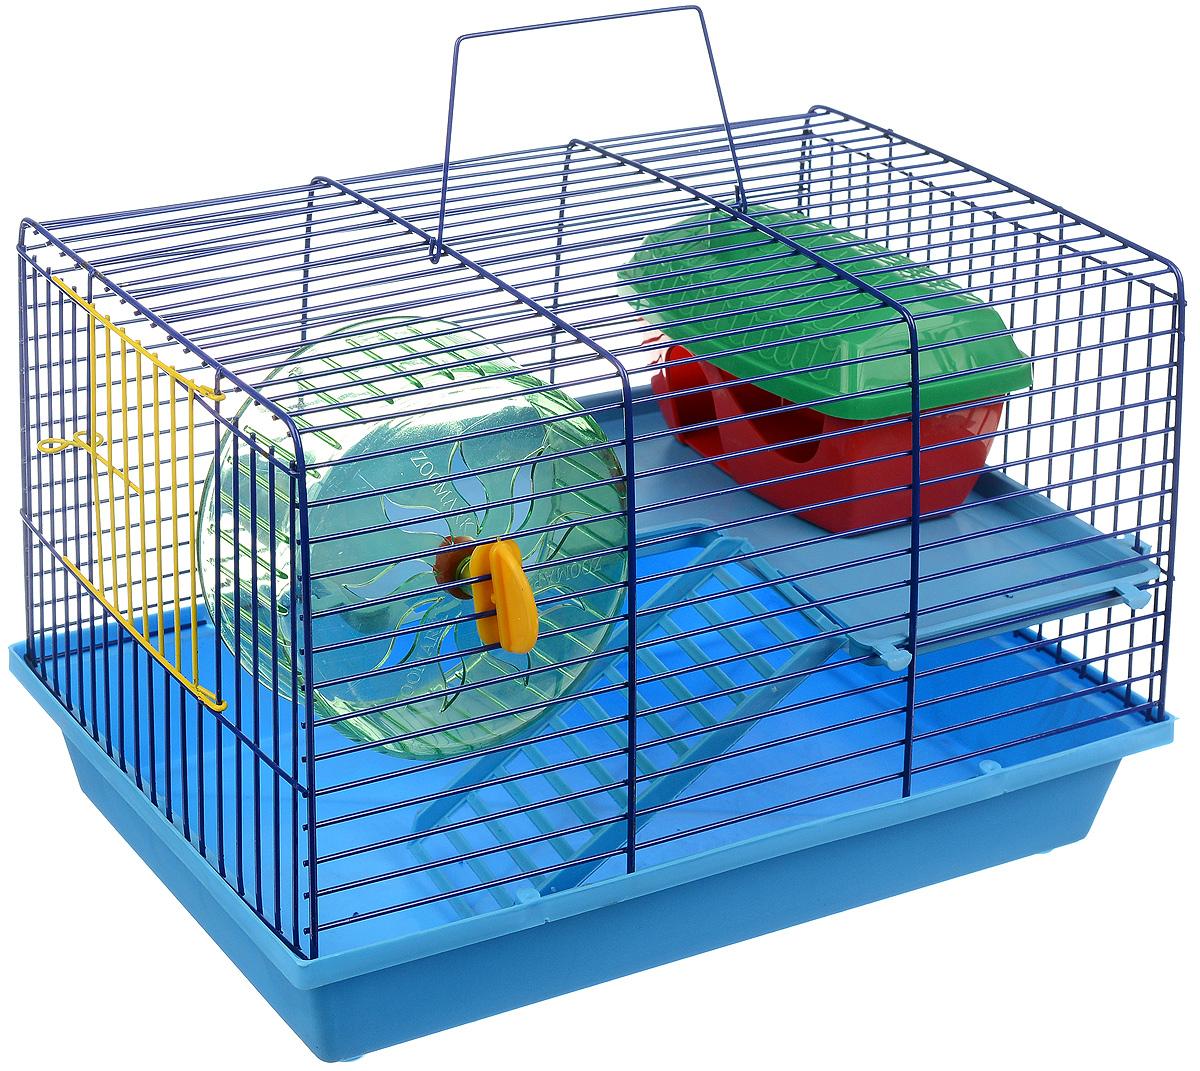 Клетка для грызунов ЗооМарк, 2-этажная, цвет: голубой поддон, синяя решетка, 36 х 23 х 24 см0120710Клетка ЗооМарк, выполненная из полипропилена и металла, подходит для мелких грызунов. Изделие двухэтажное, оборудовано лестницей, колесом для подвижных игр и пластиковым домиком. Клетка имеет яркий поддон, удобна в использовании и легко чистится. Сверху имеется ручка для переноски. Такая клетка станет уединенным личным пространством и уютным домиком для маленького грызуна.